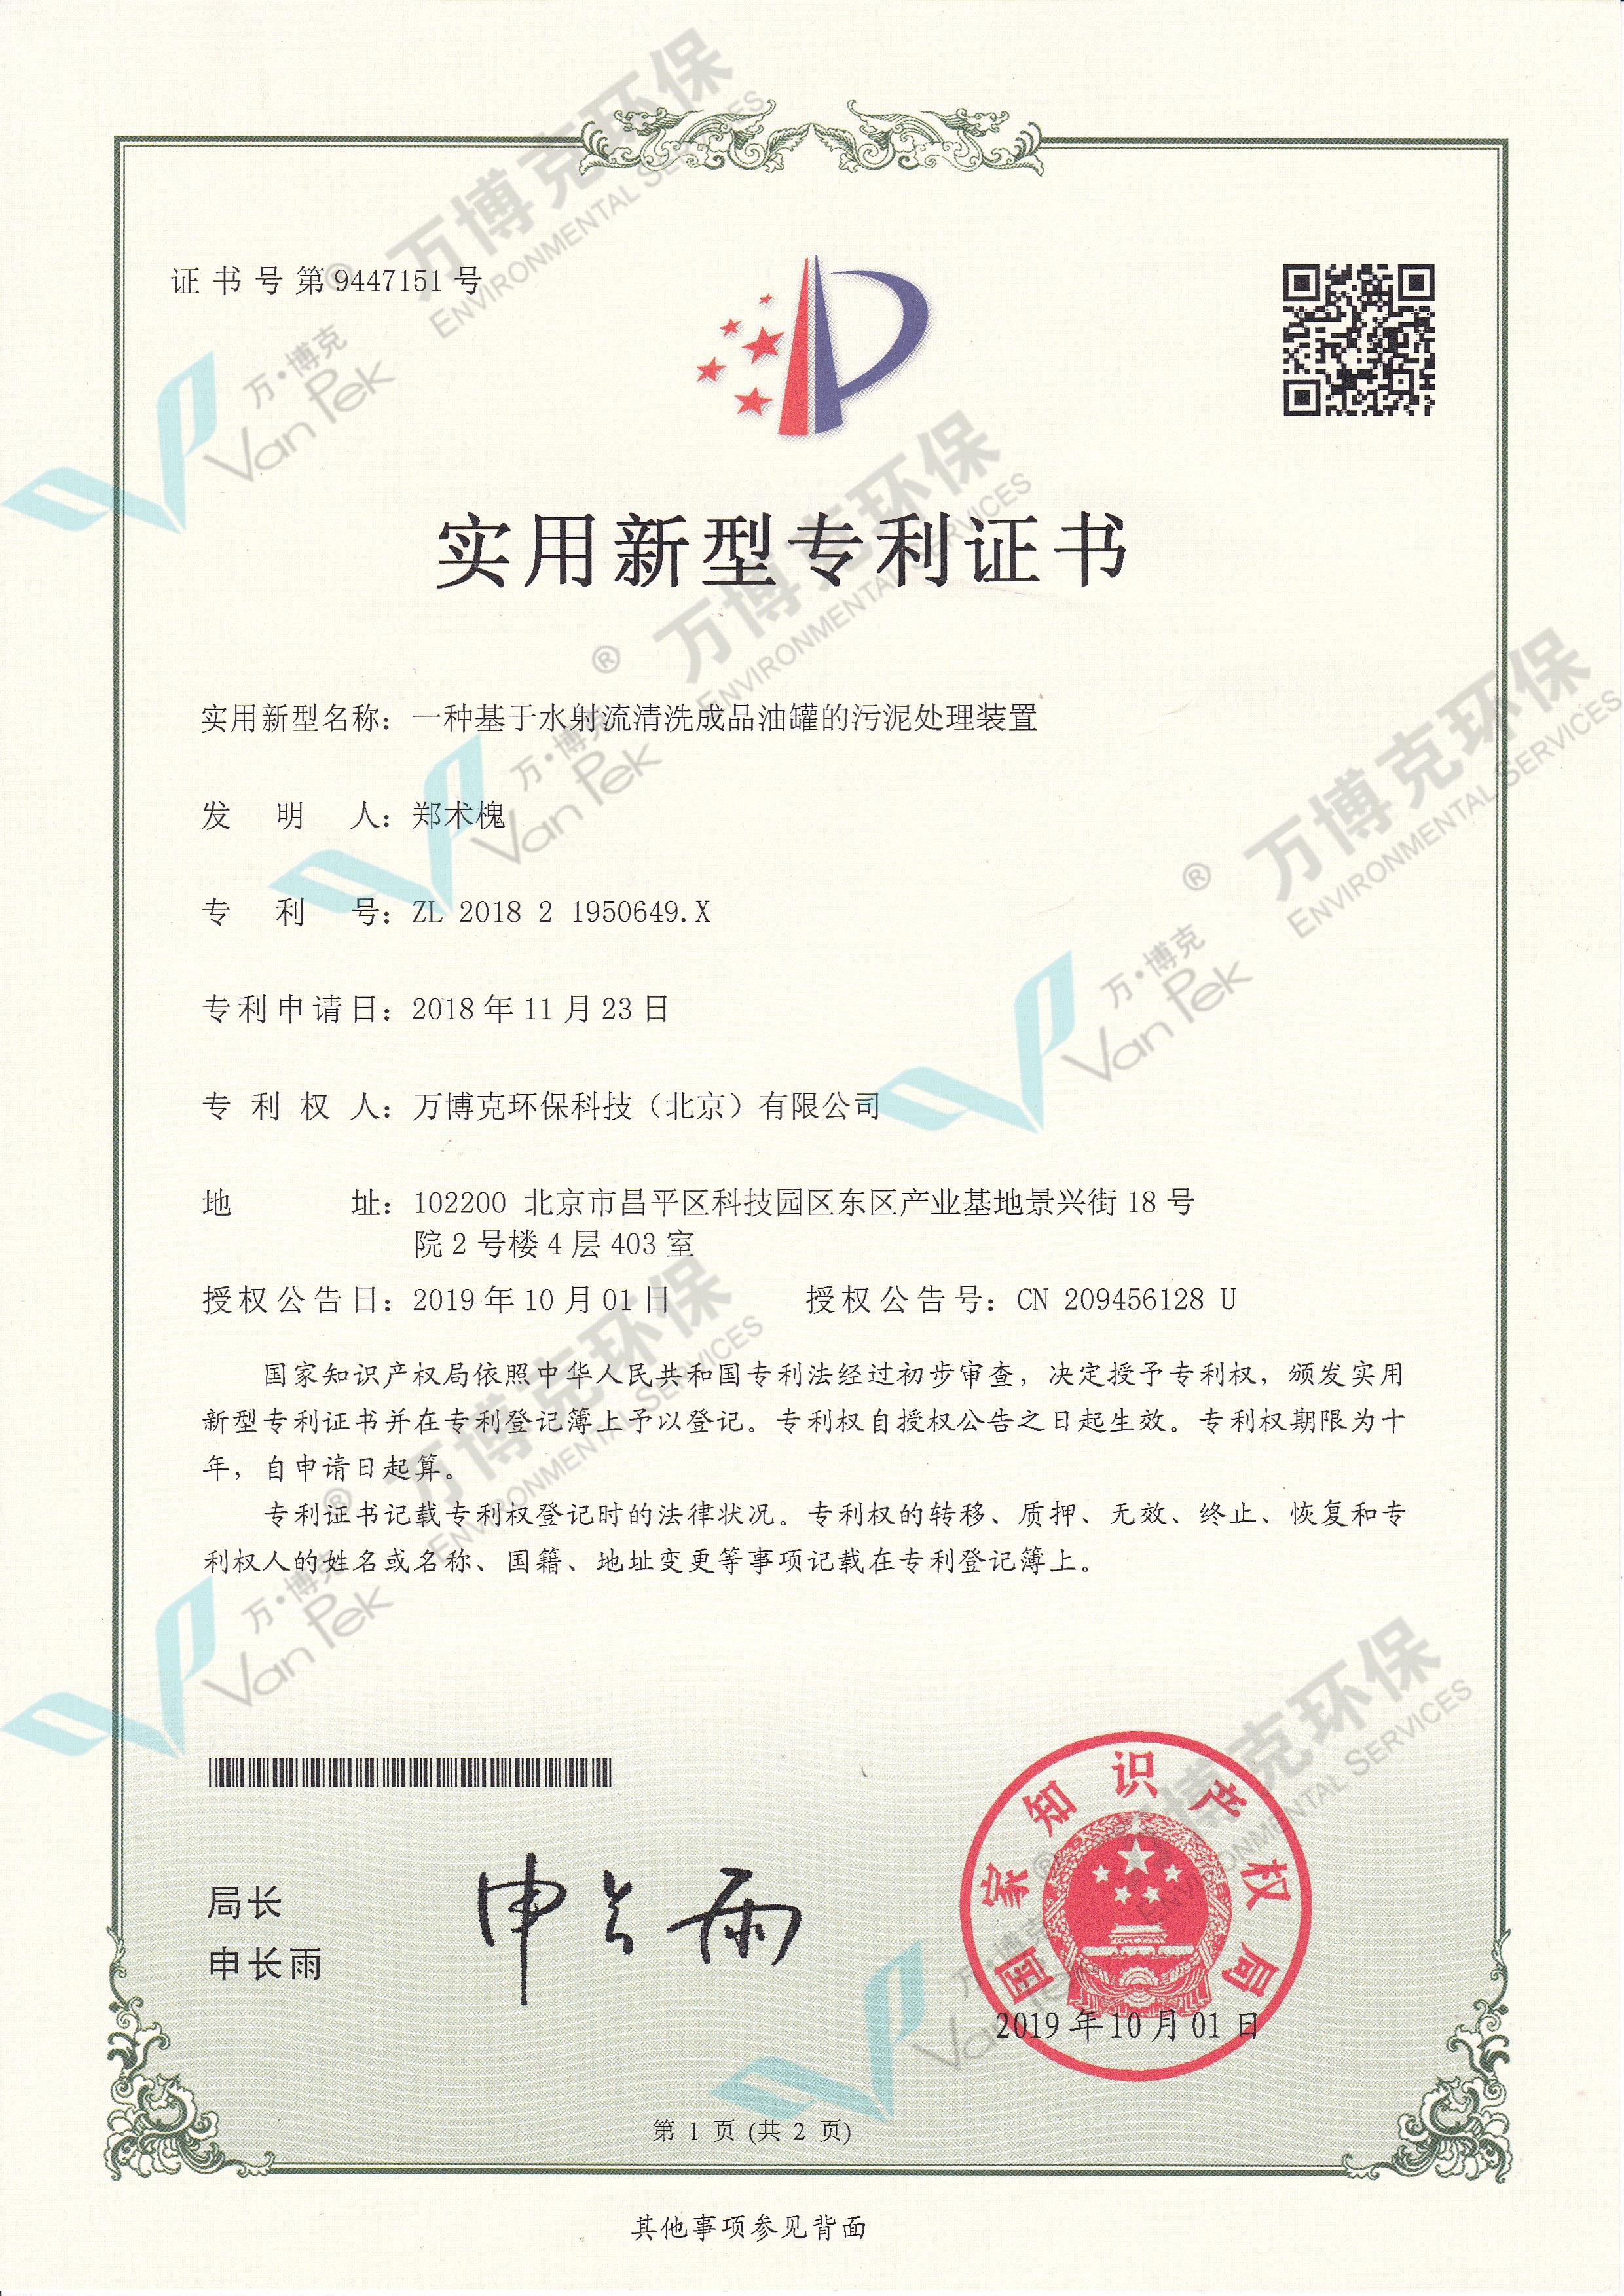 2019年10月,萬博克榮獲污泥處理裝置實用新型專利證書